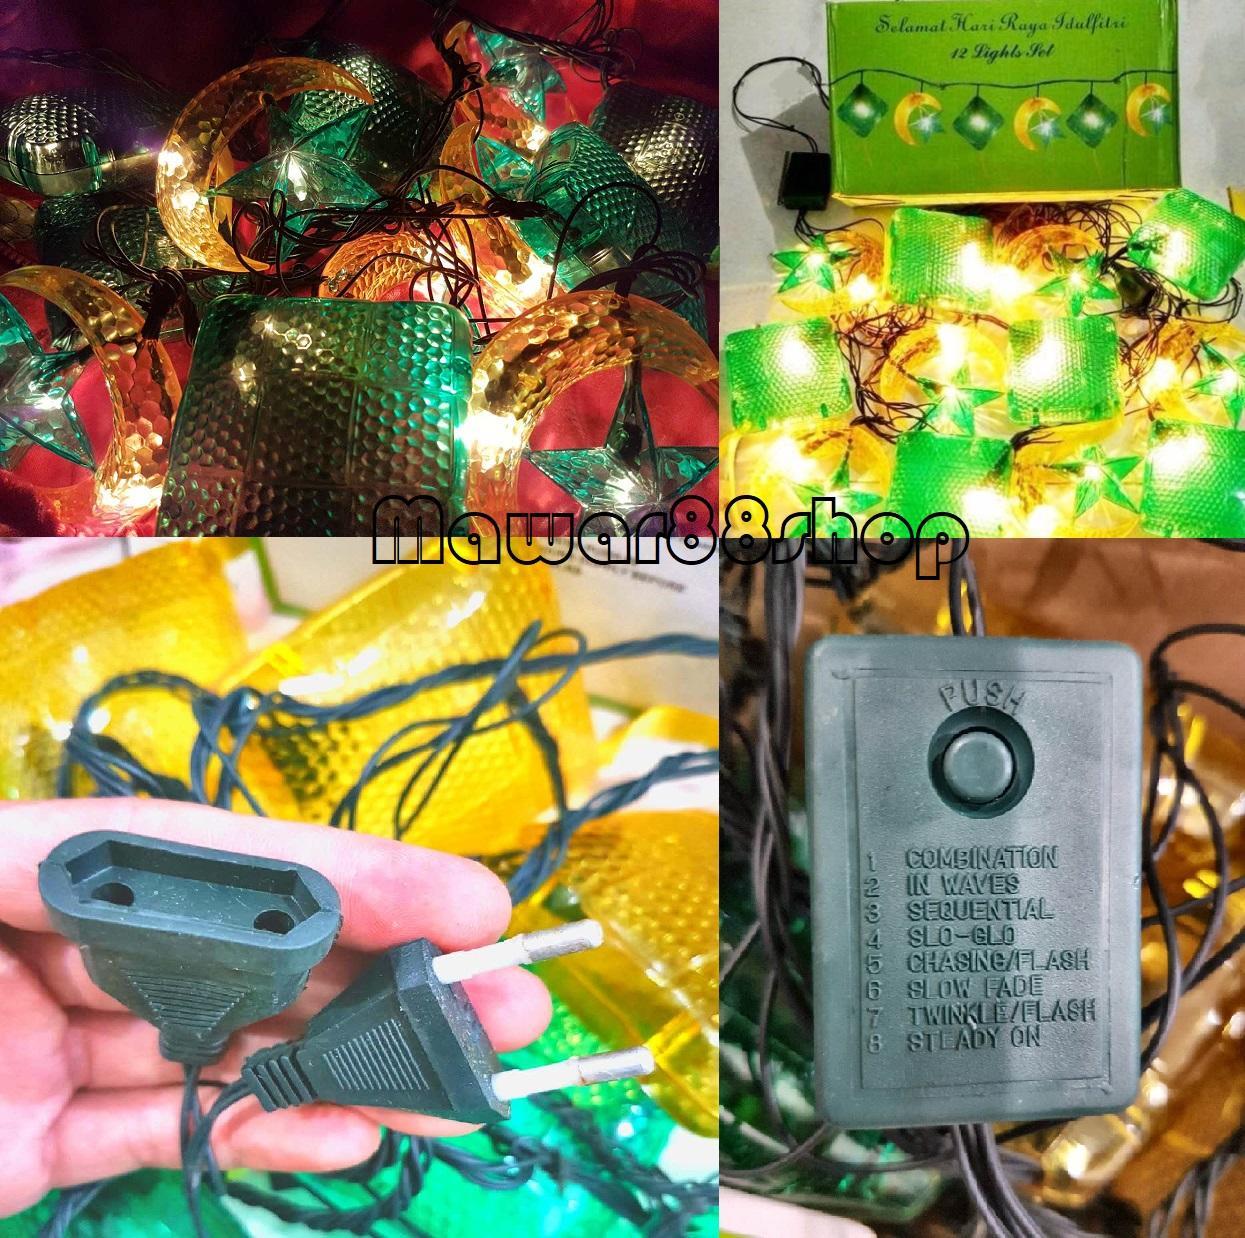 Lampu hias lebaran / lampu hias bentuk ketupat / lampu hias LED warna